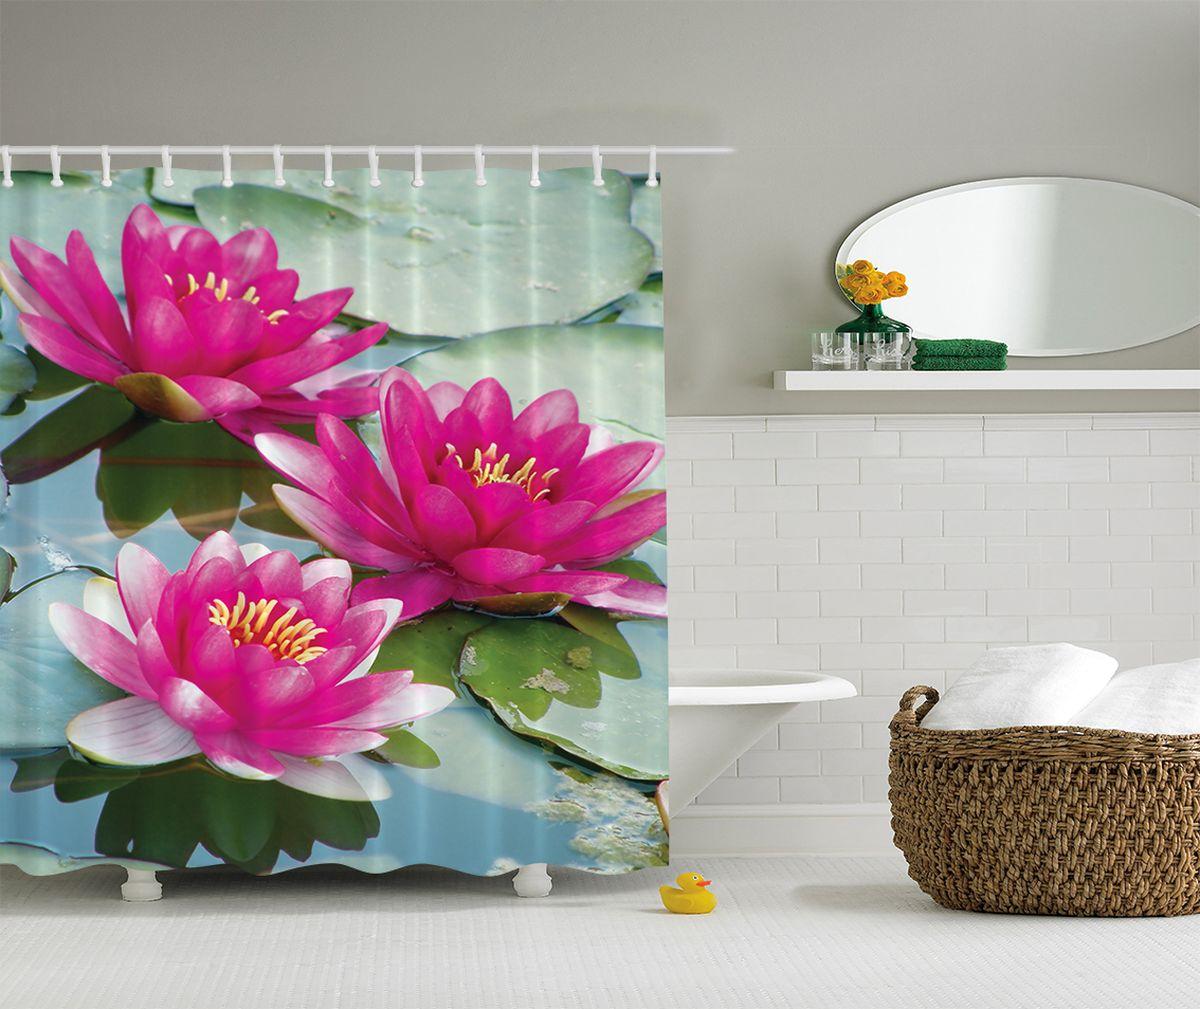 Штора для ванной комнаты Magic Lady Розовые кувшинки, 180 х 200 см68/5/2Штора для ванной комнаты Magic Lady  Розовые кувшинки выполнена из высококачественного сатена (полиэстер 100%). При изготовлении используются специальные гипоаллергенные чернила. Оригинальный дизайн и цветовая гамма привлекут к себе внимание. Изделие хорошо пропускает свет и быстро высыхает. Такая штора прекрасно впишется в любой интерьер ванной комнаты и идеально защитит от брызг.